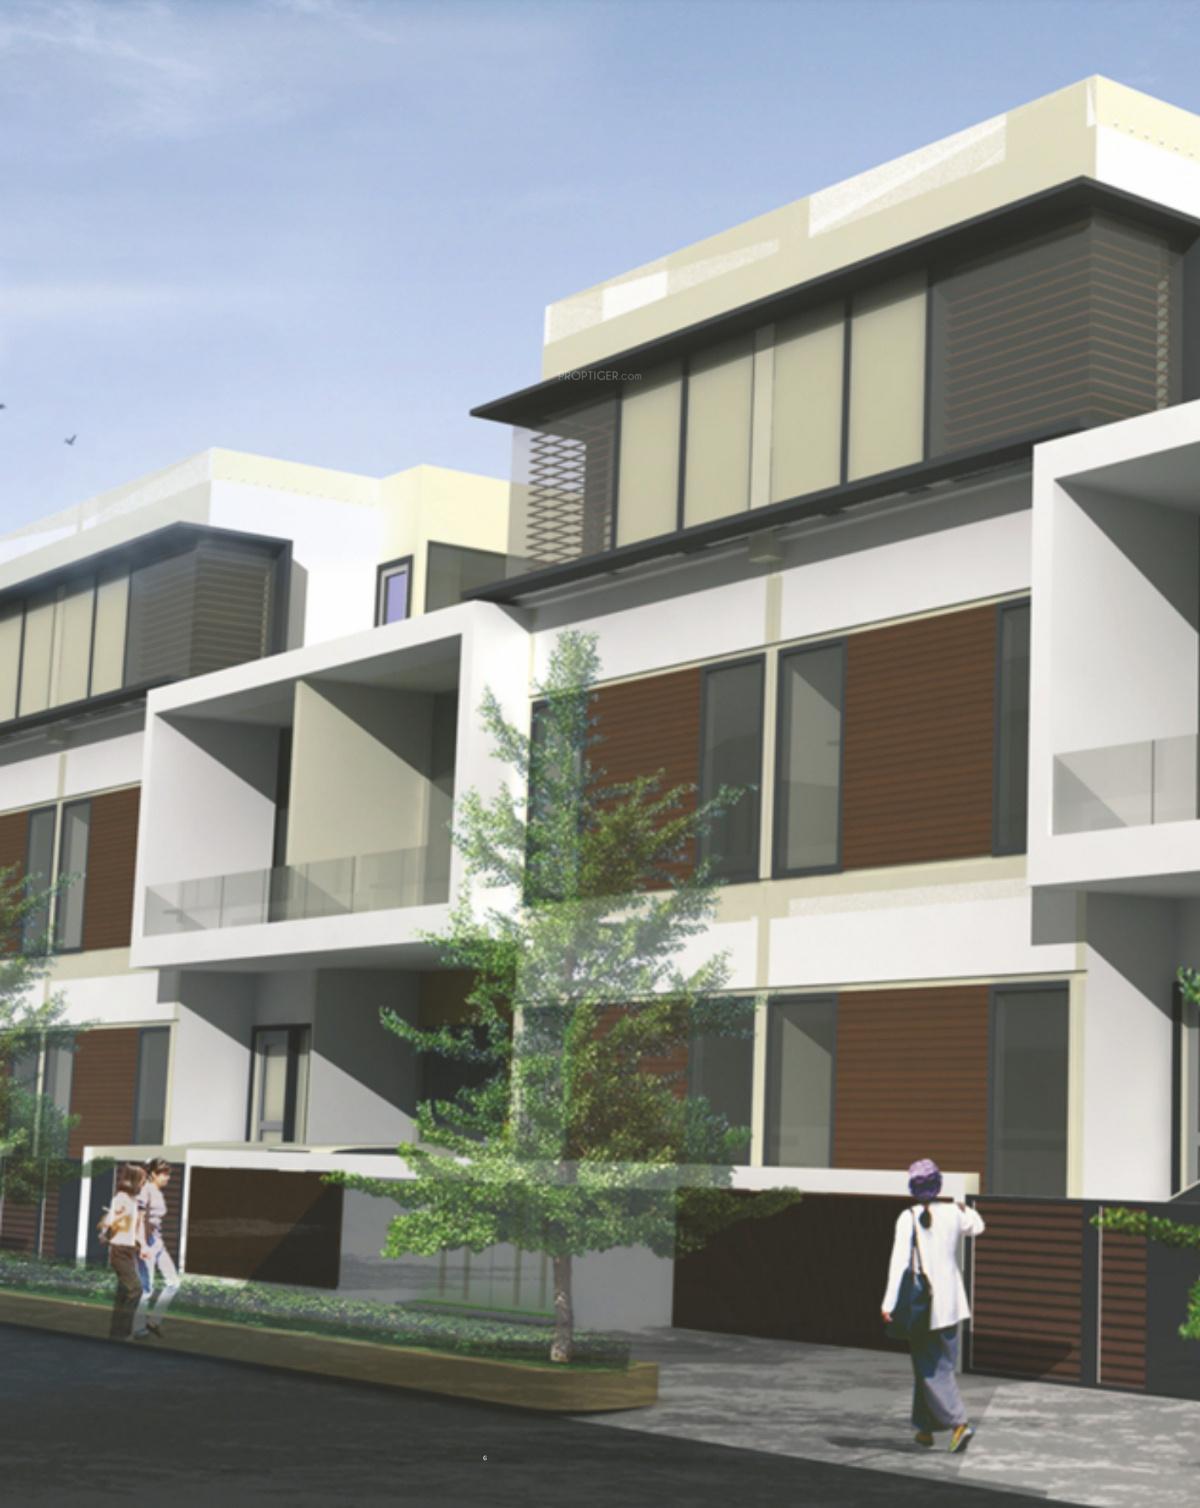 Panchsheel greens 2 villa in sector 16b noida extension for Greentown villas 1 extension